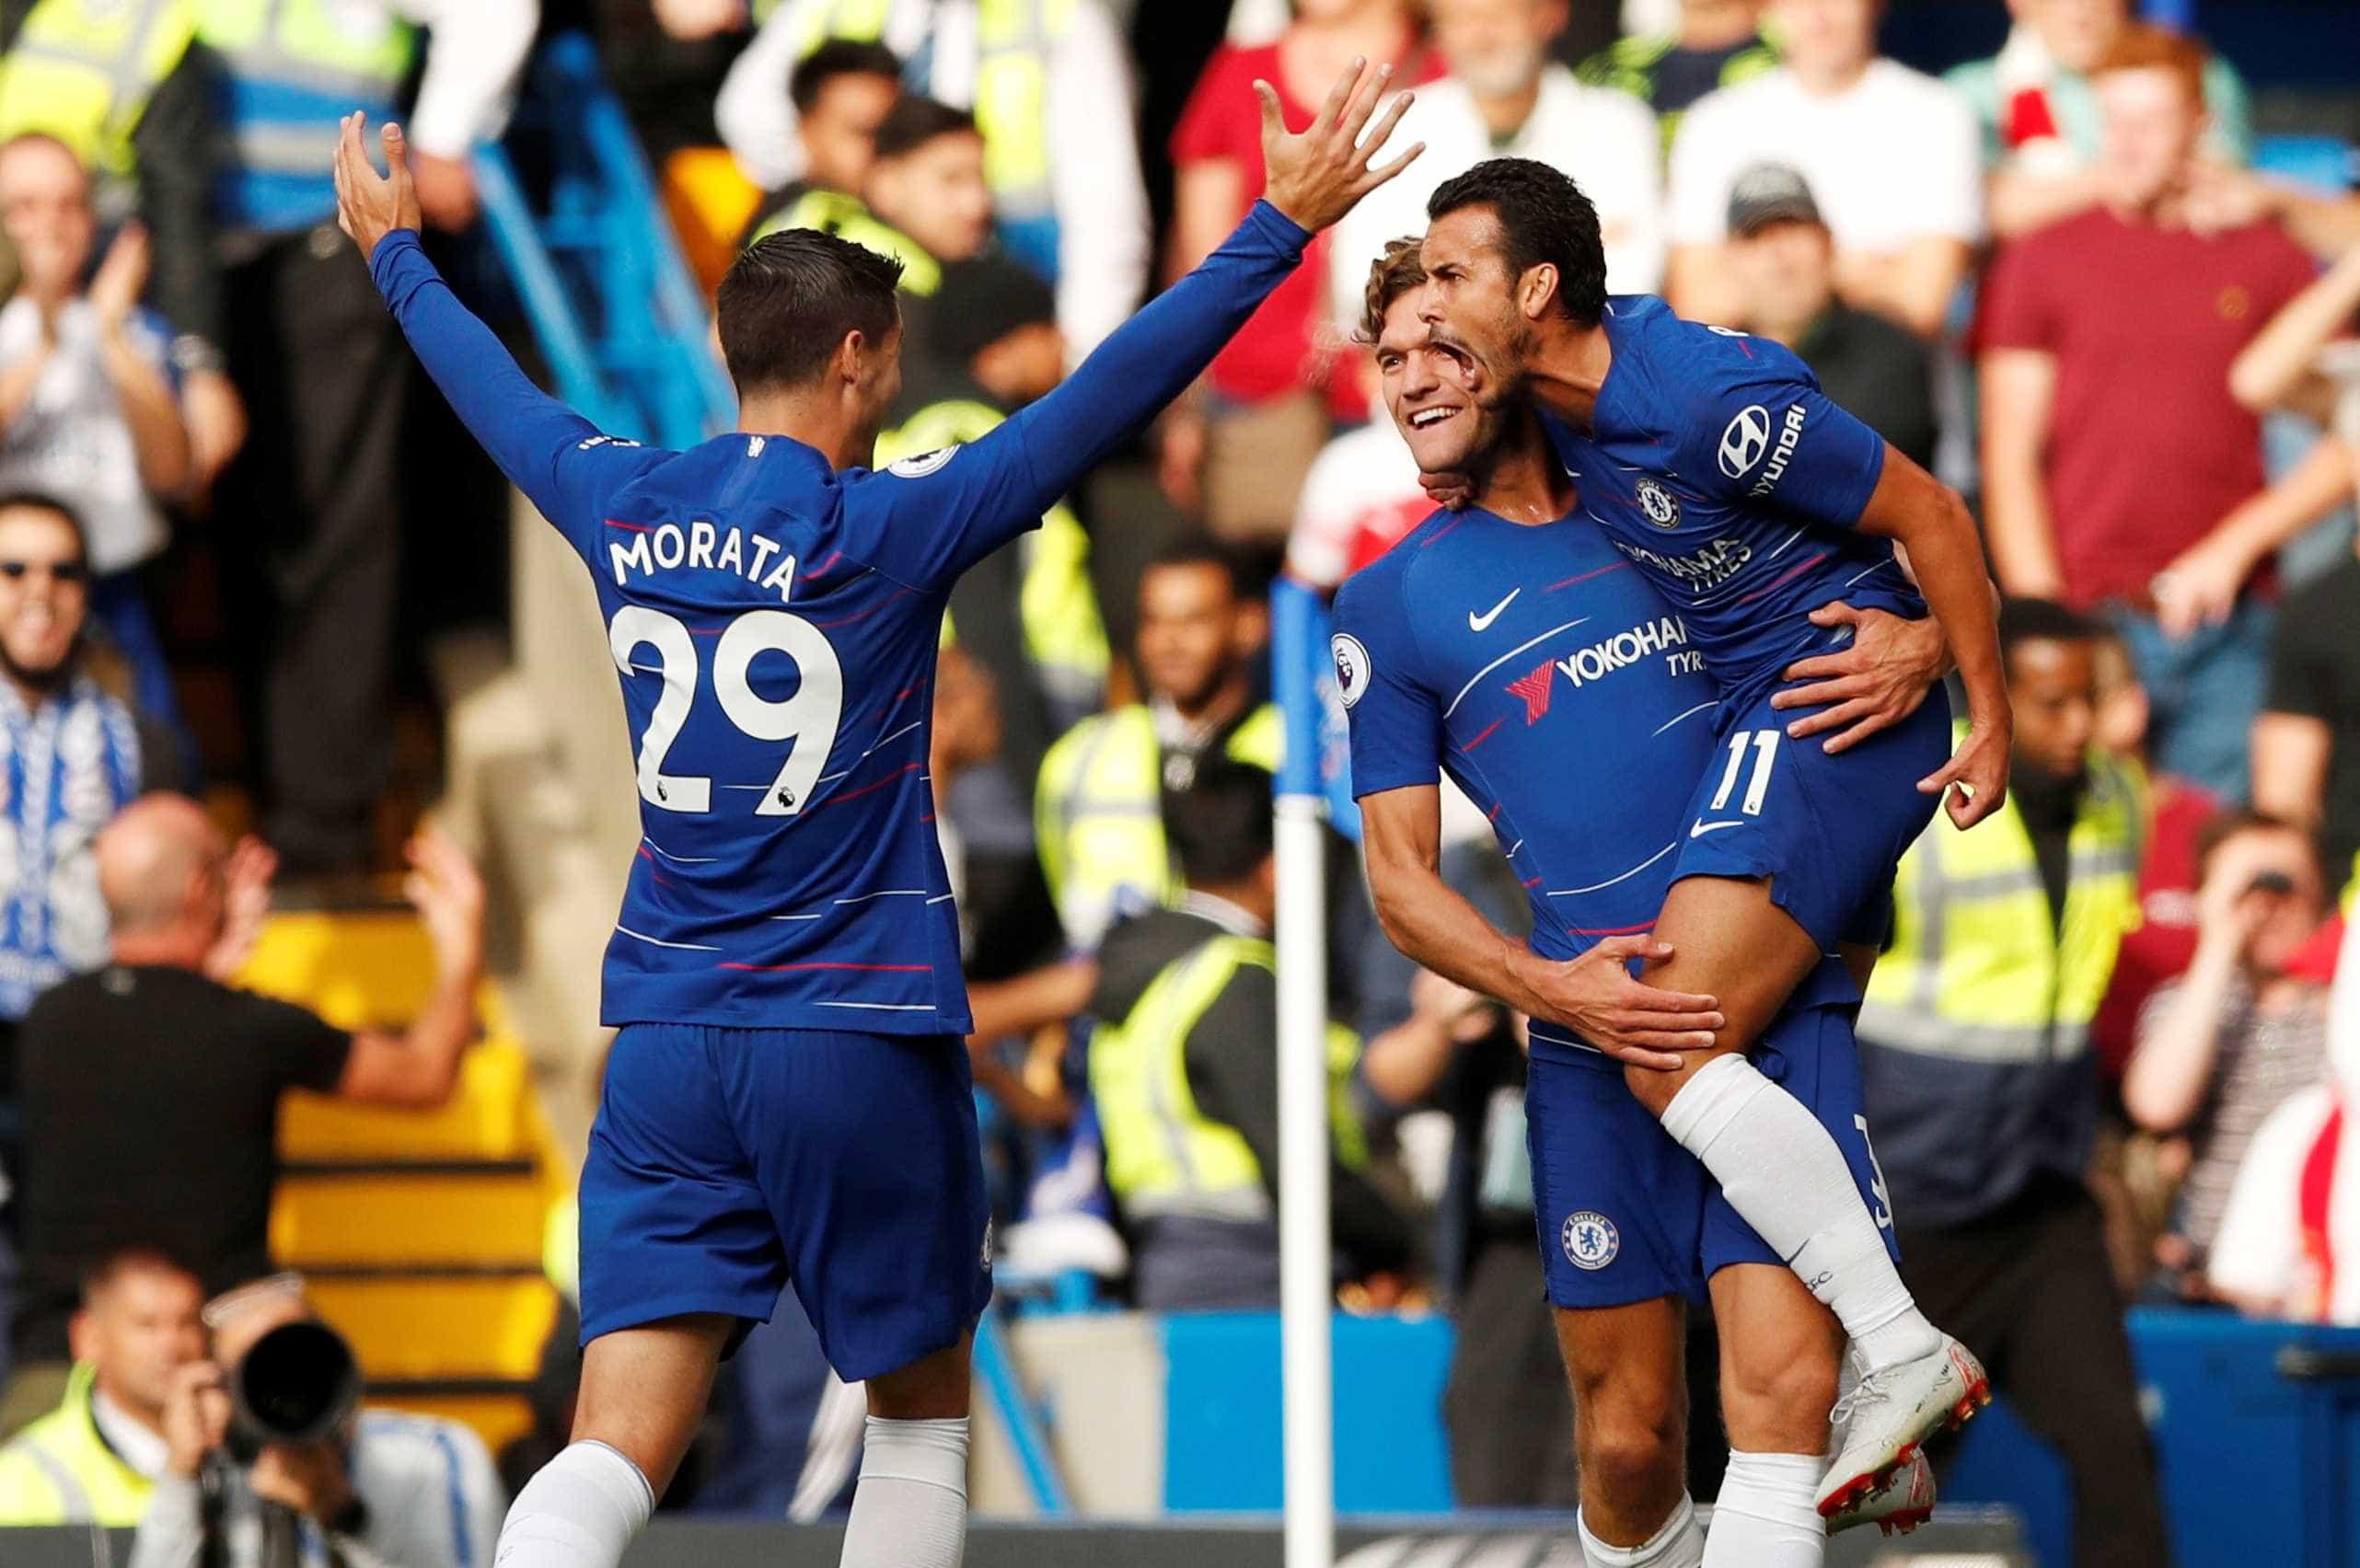 Chelsea vence o Arsenal e alcança a 2ª vitória no Inglês